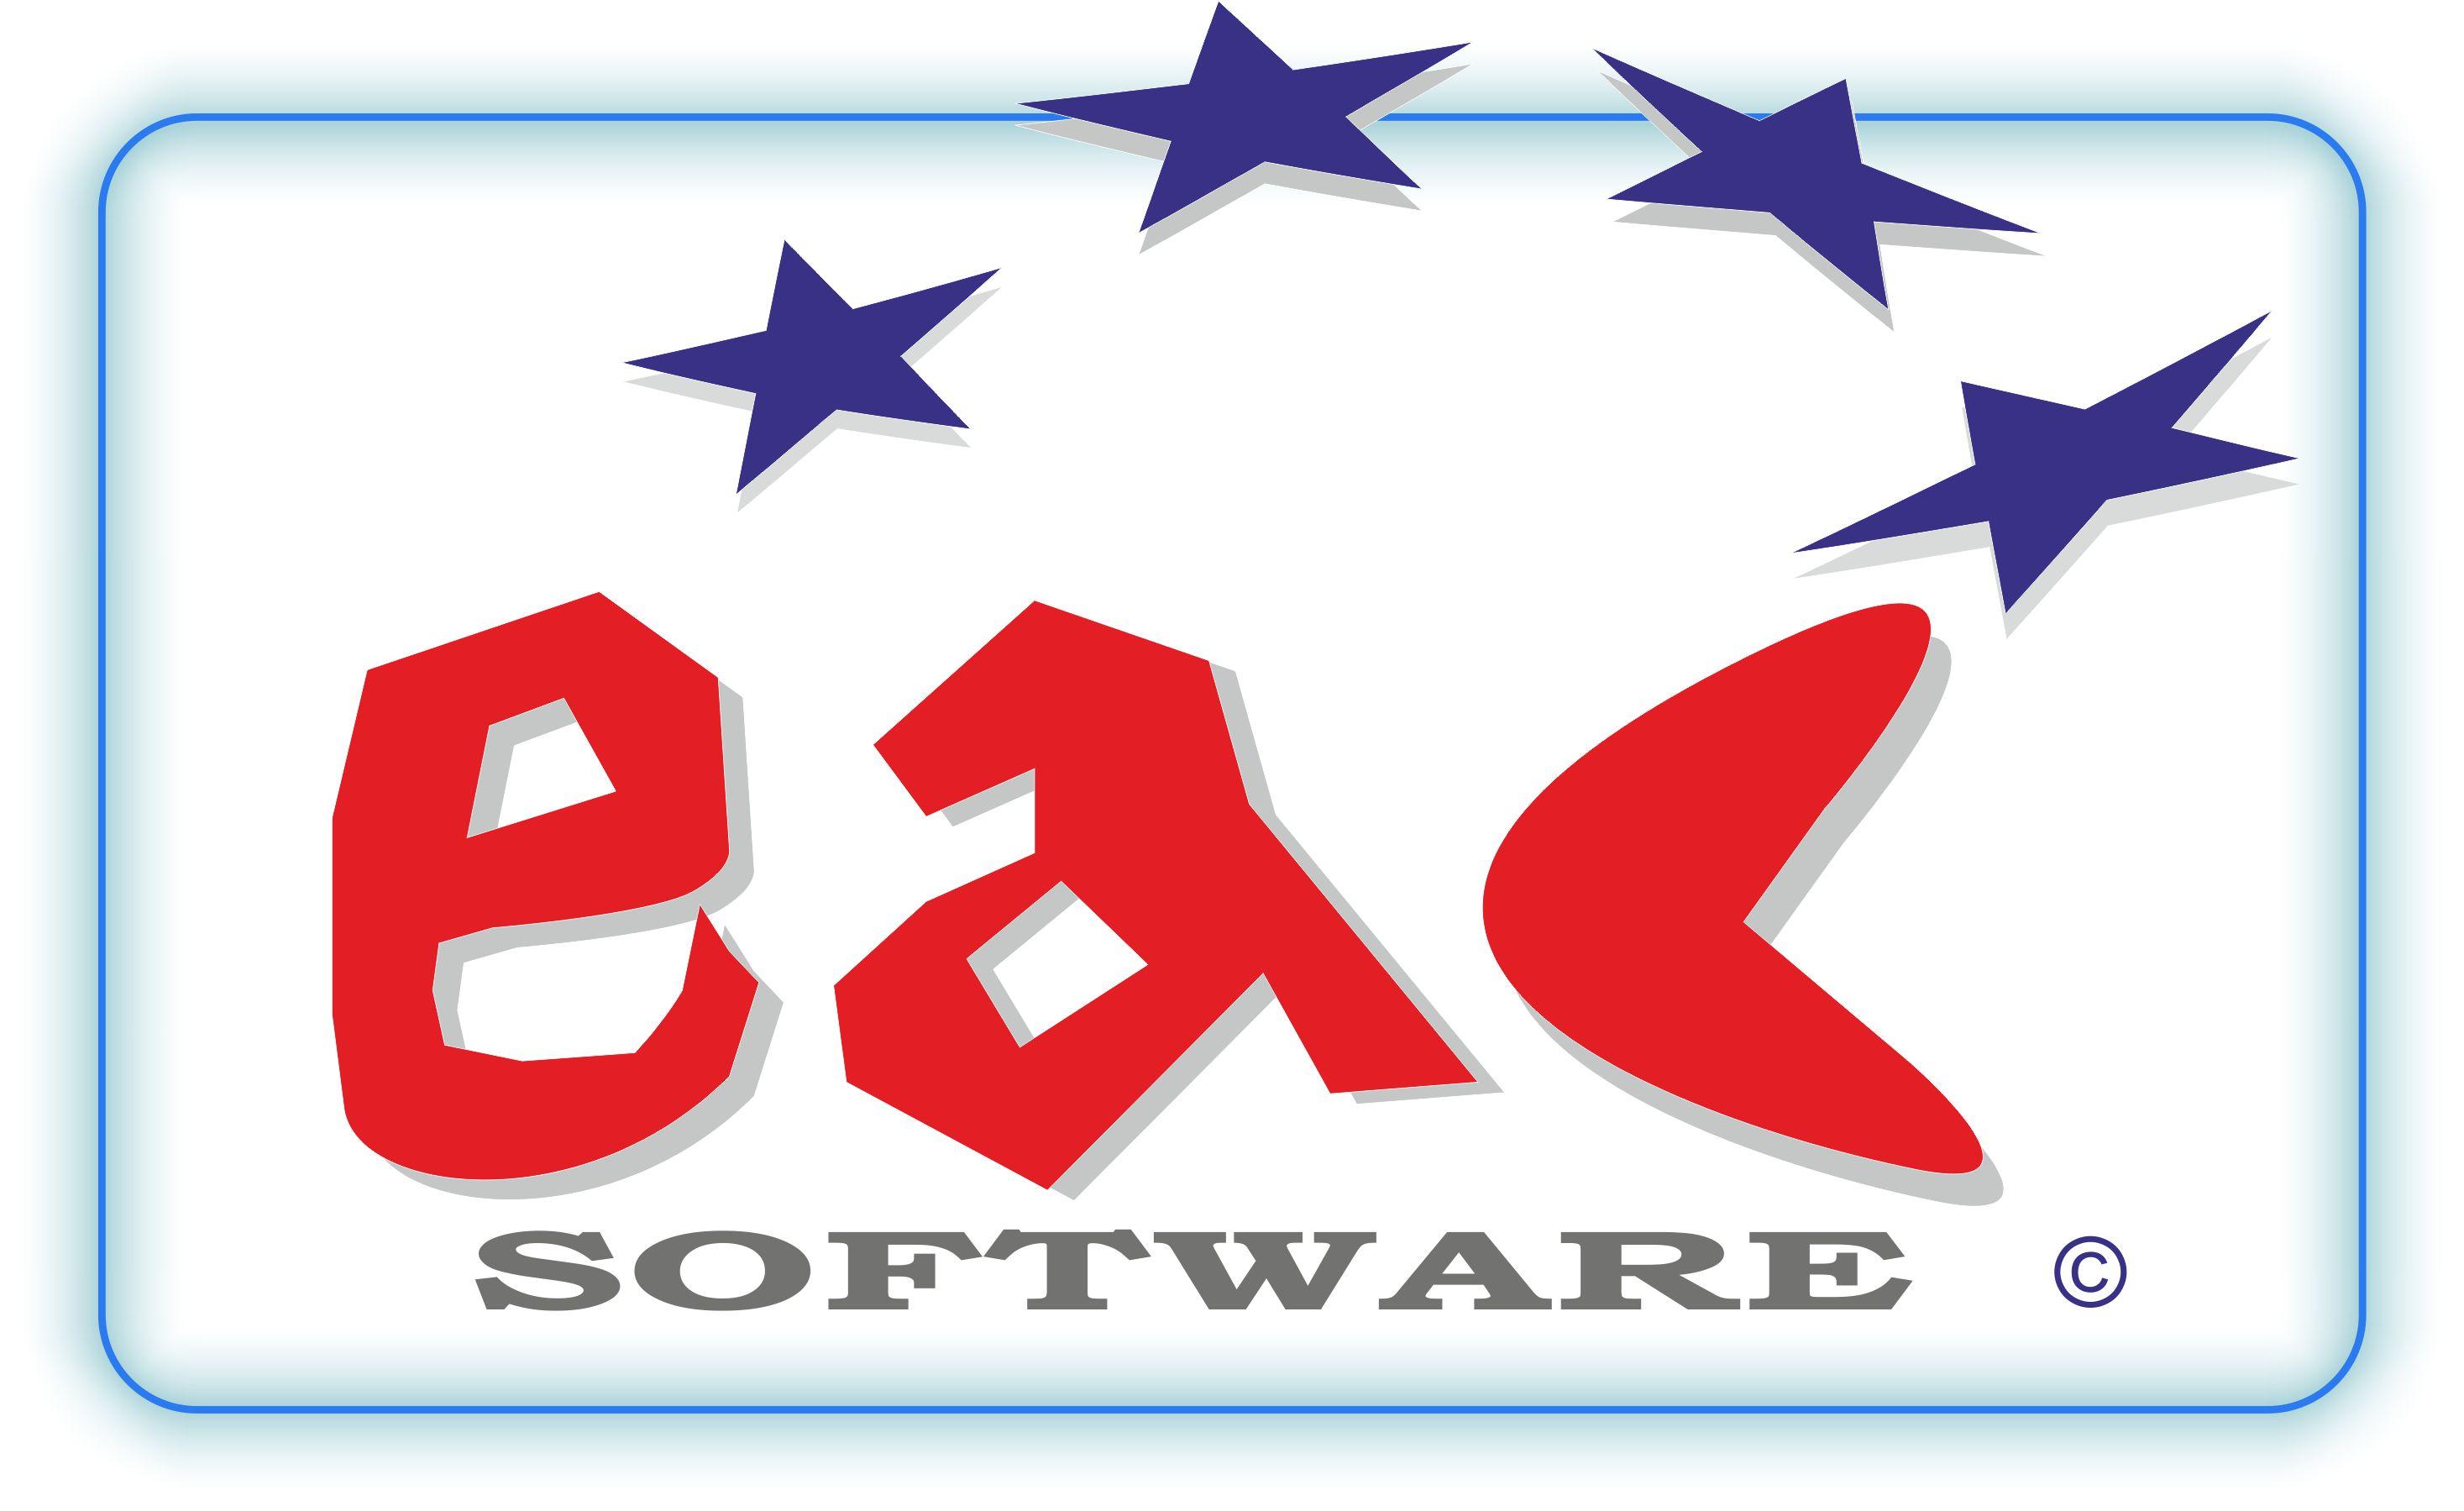 Eac Software anuncia su nueva versión de Eac CatWebPro